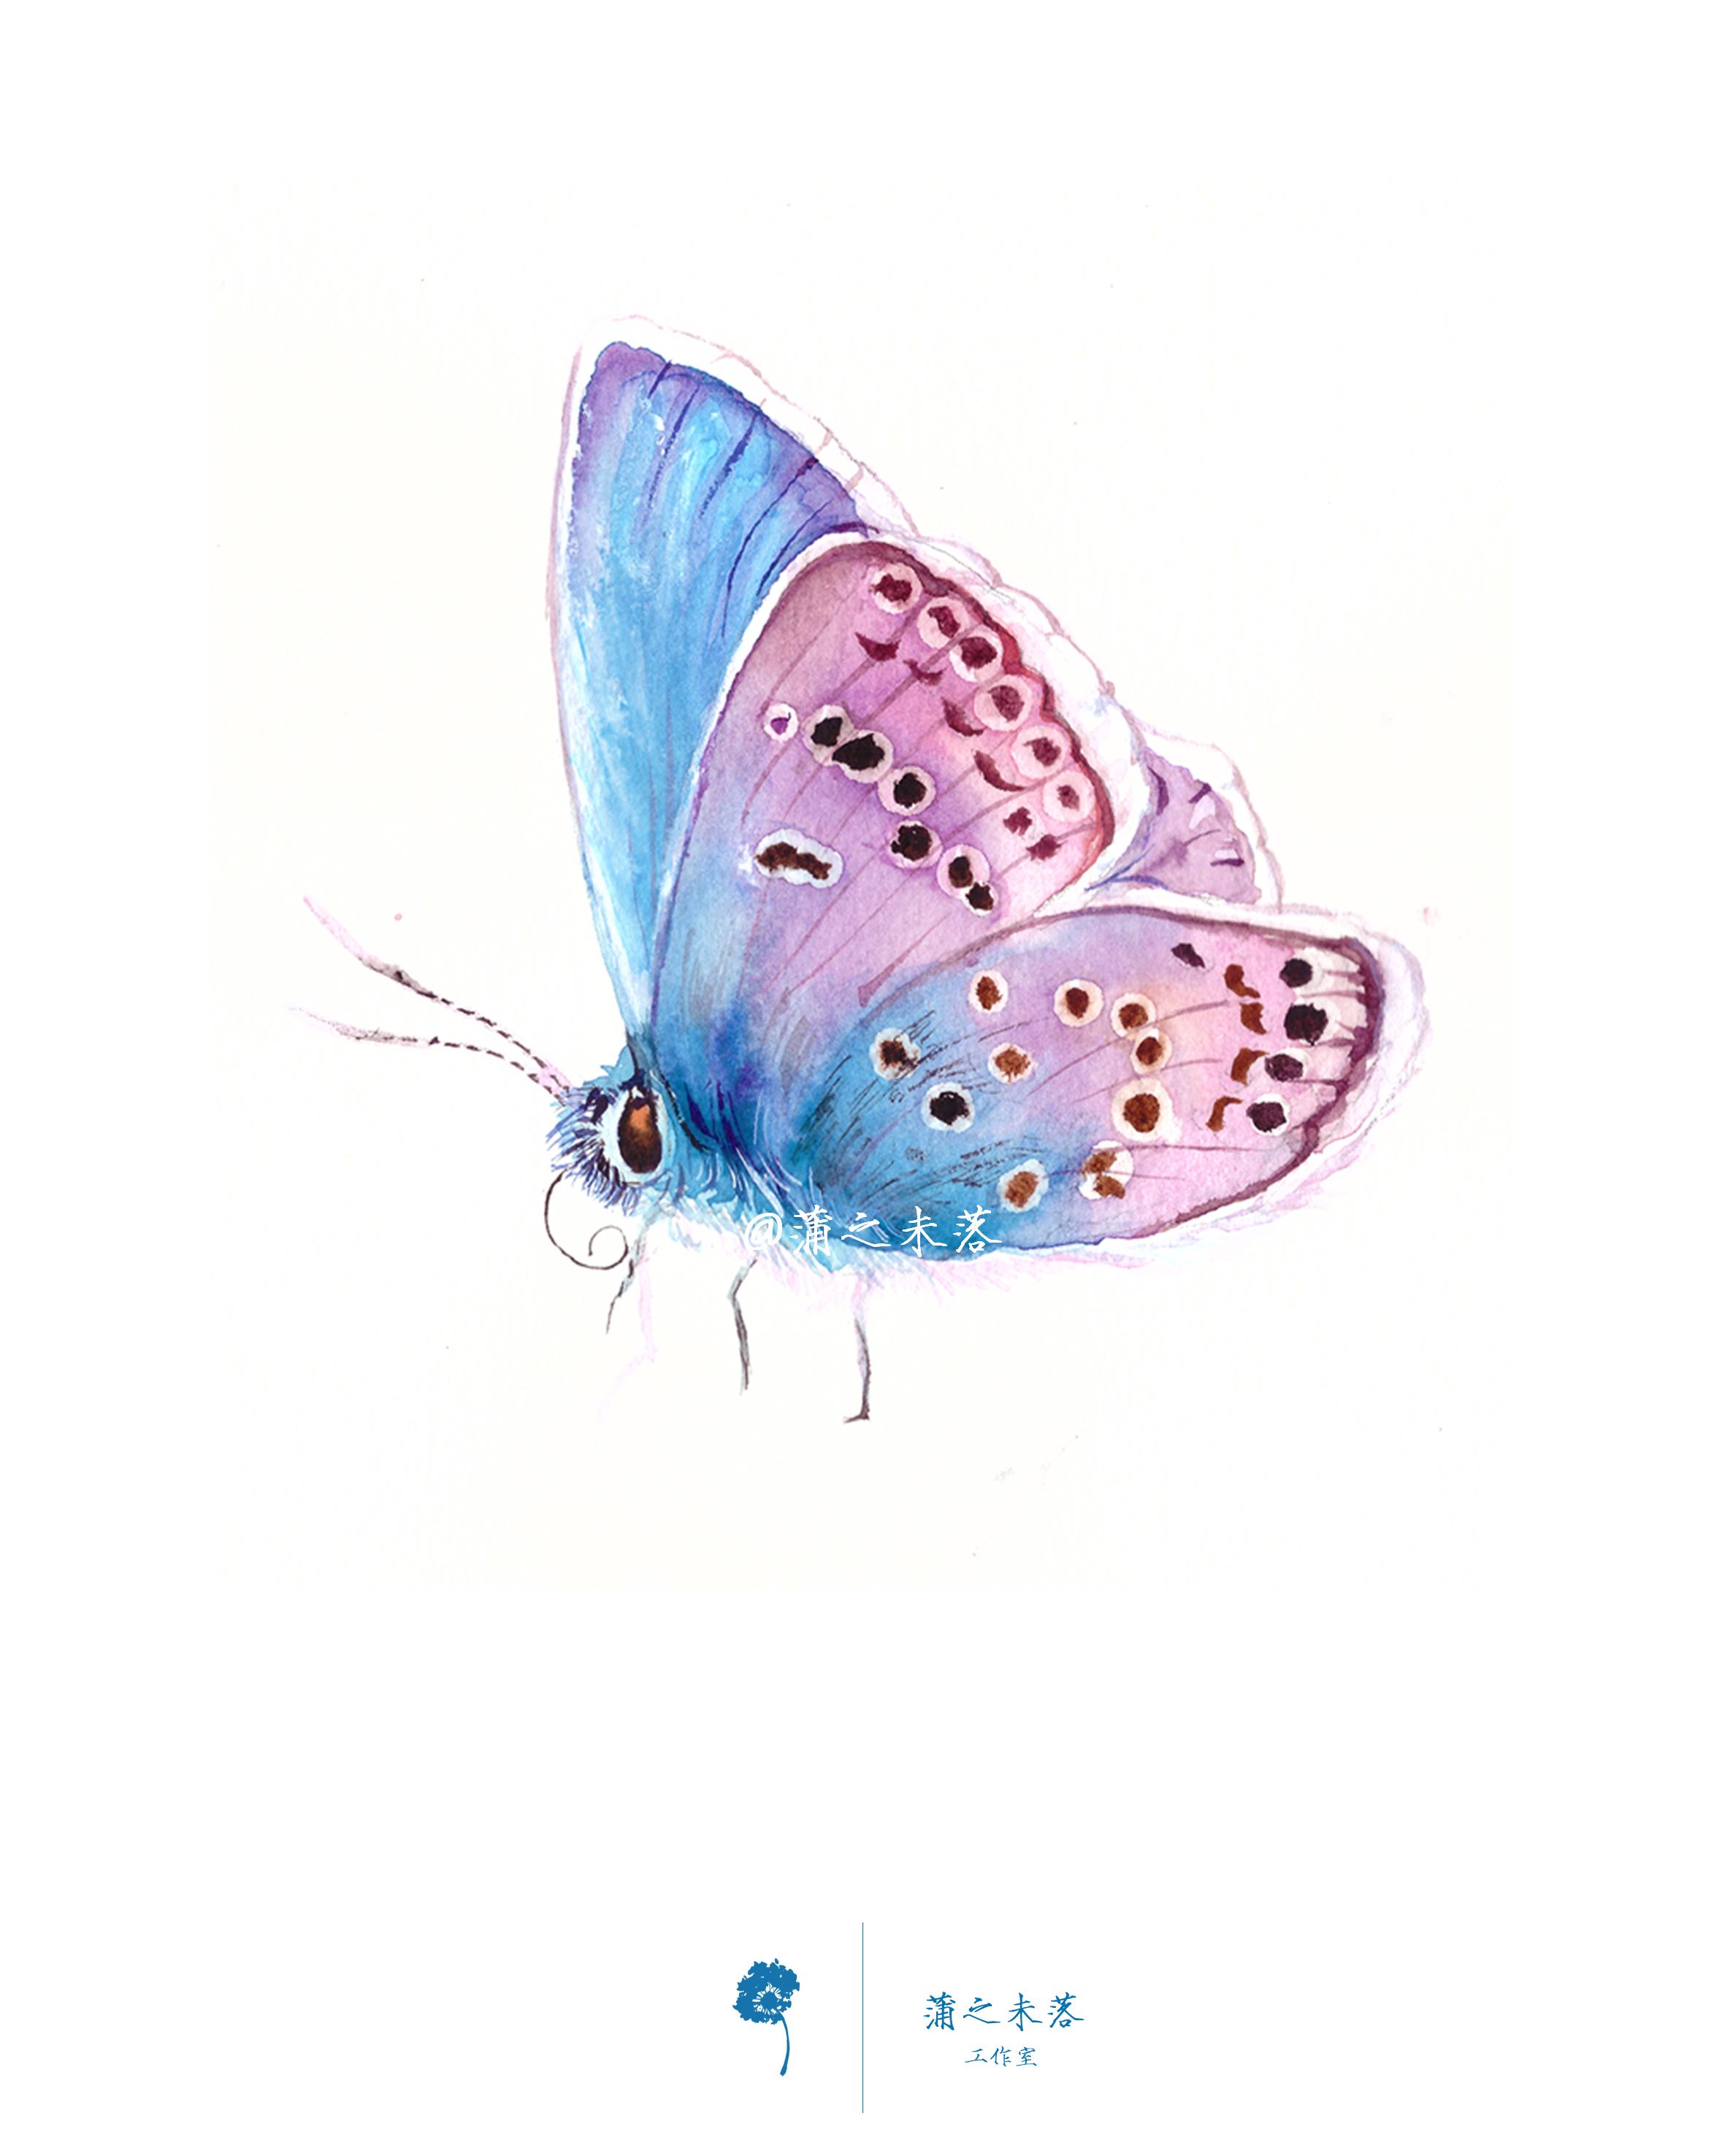 水彩手绘--蝴蝶